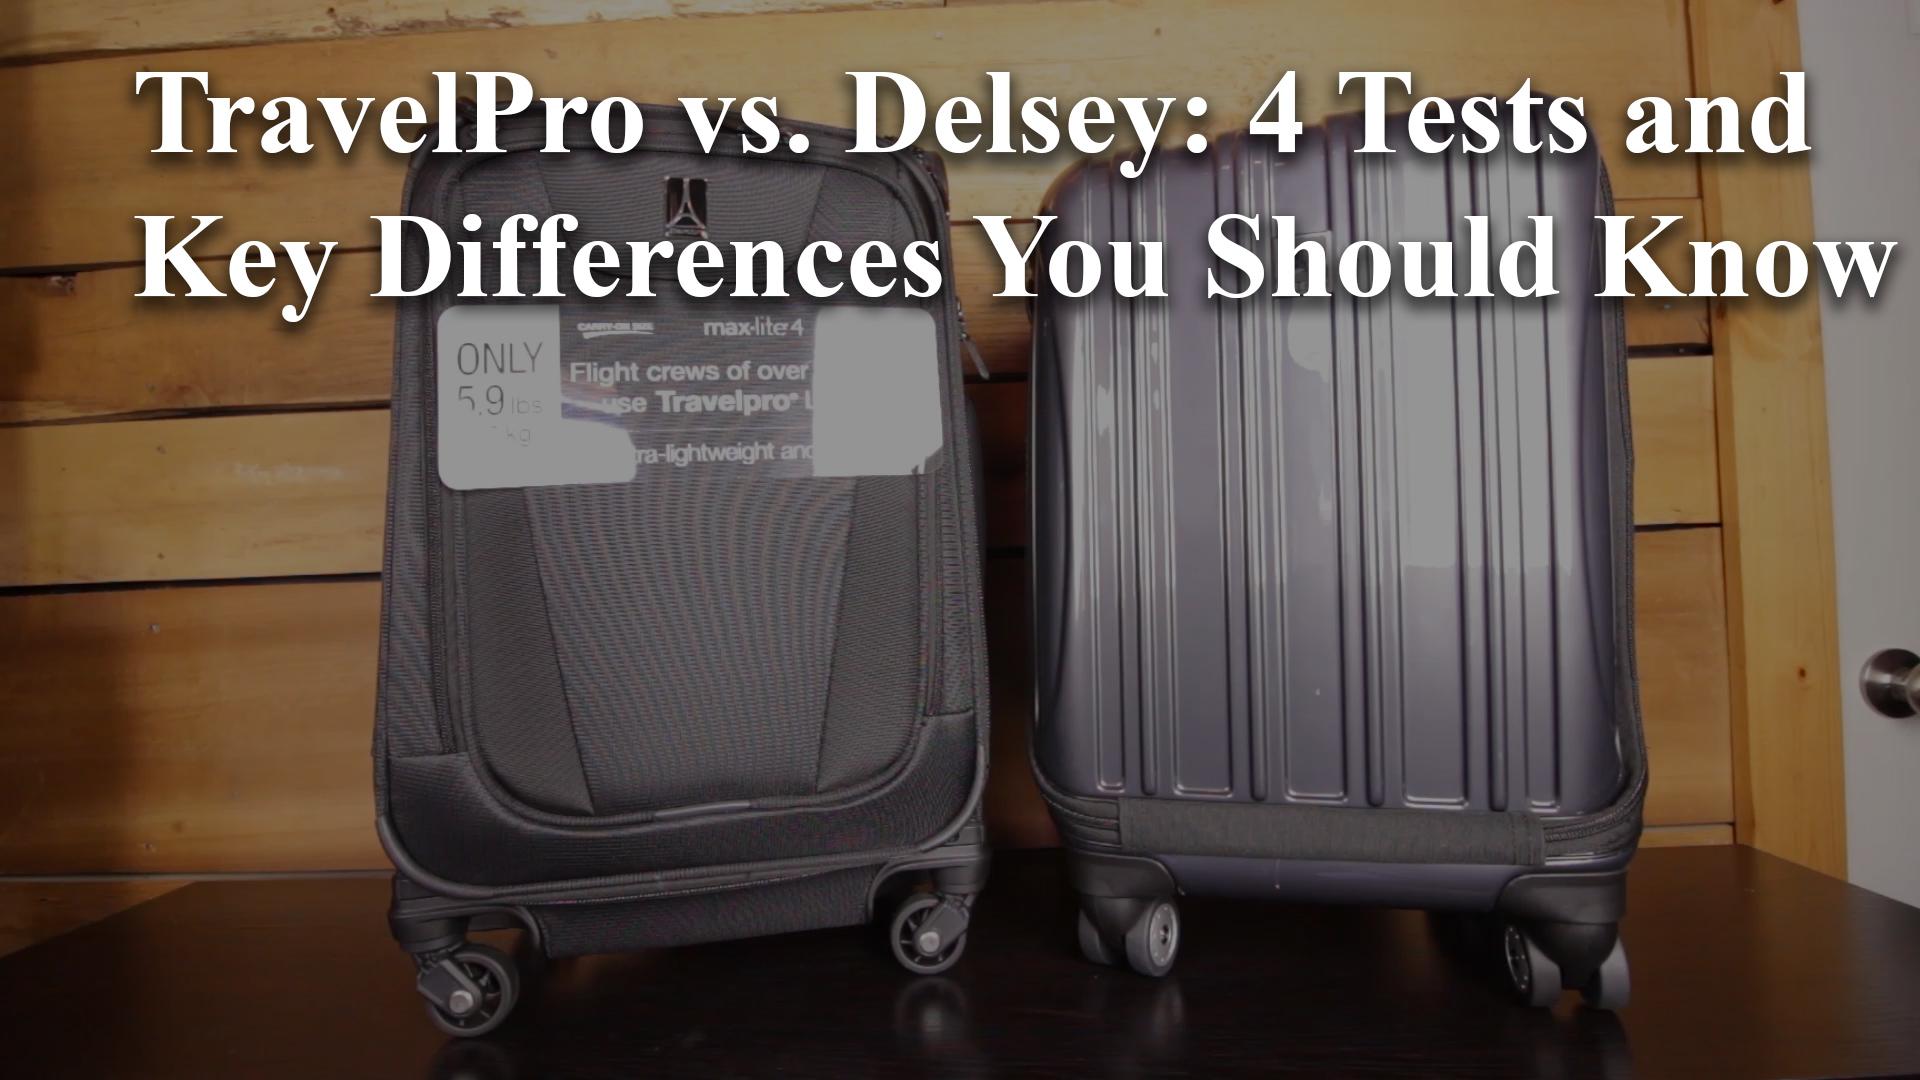 TravelPro Maxlite 4 vs. Delsey Helium Aero Carry-on